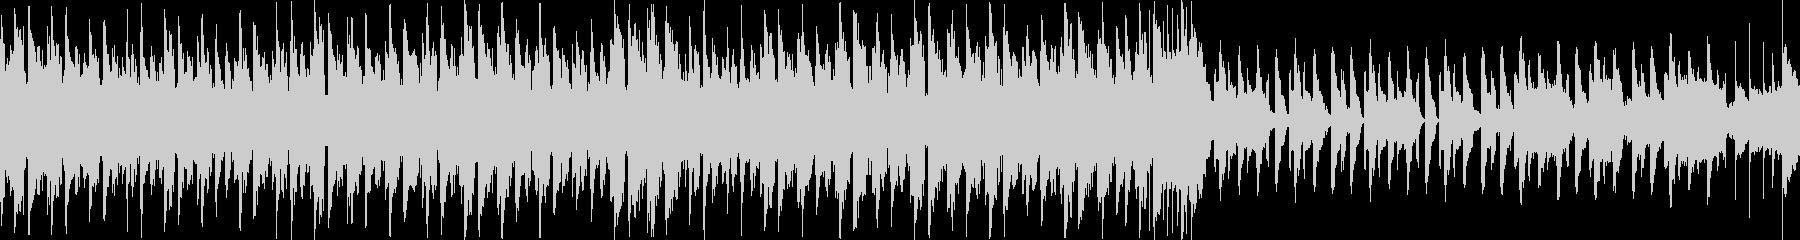 【メロなし/ループ】EDMアンセムの未再生の波形